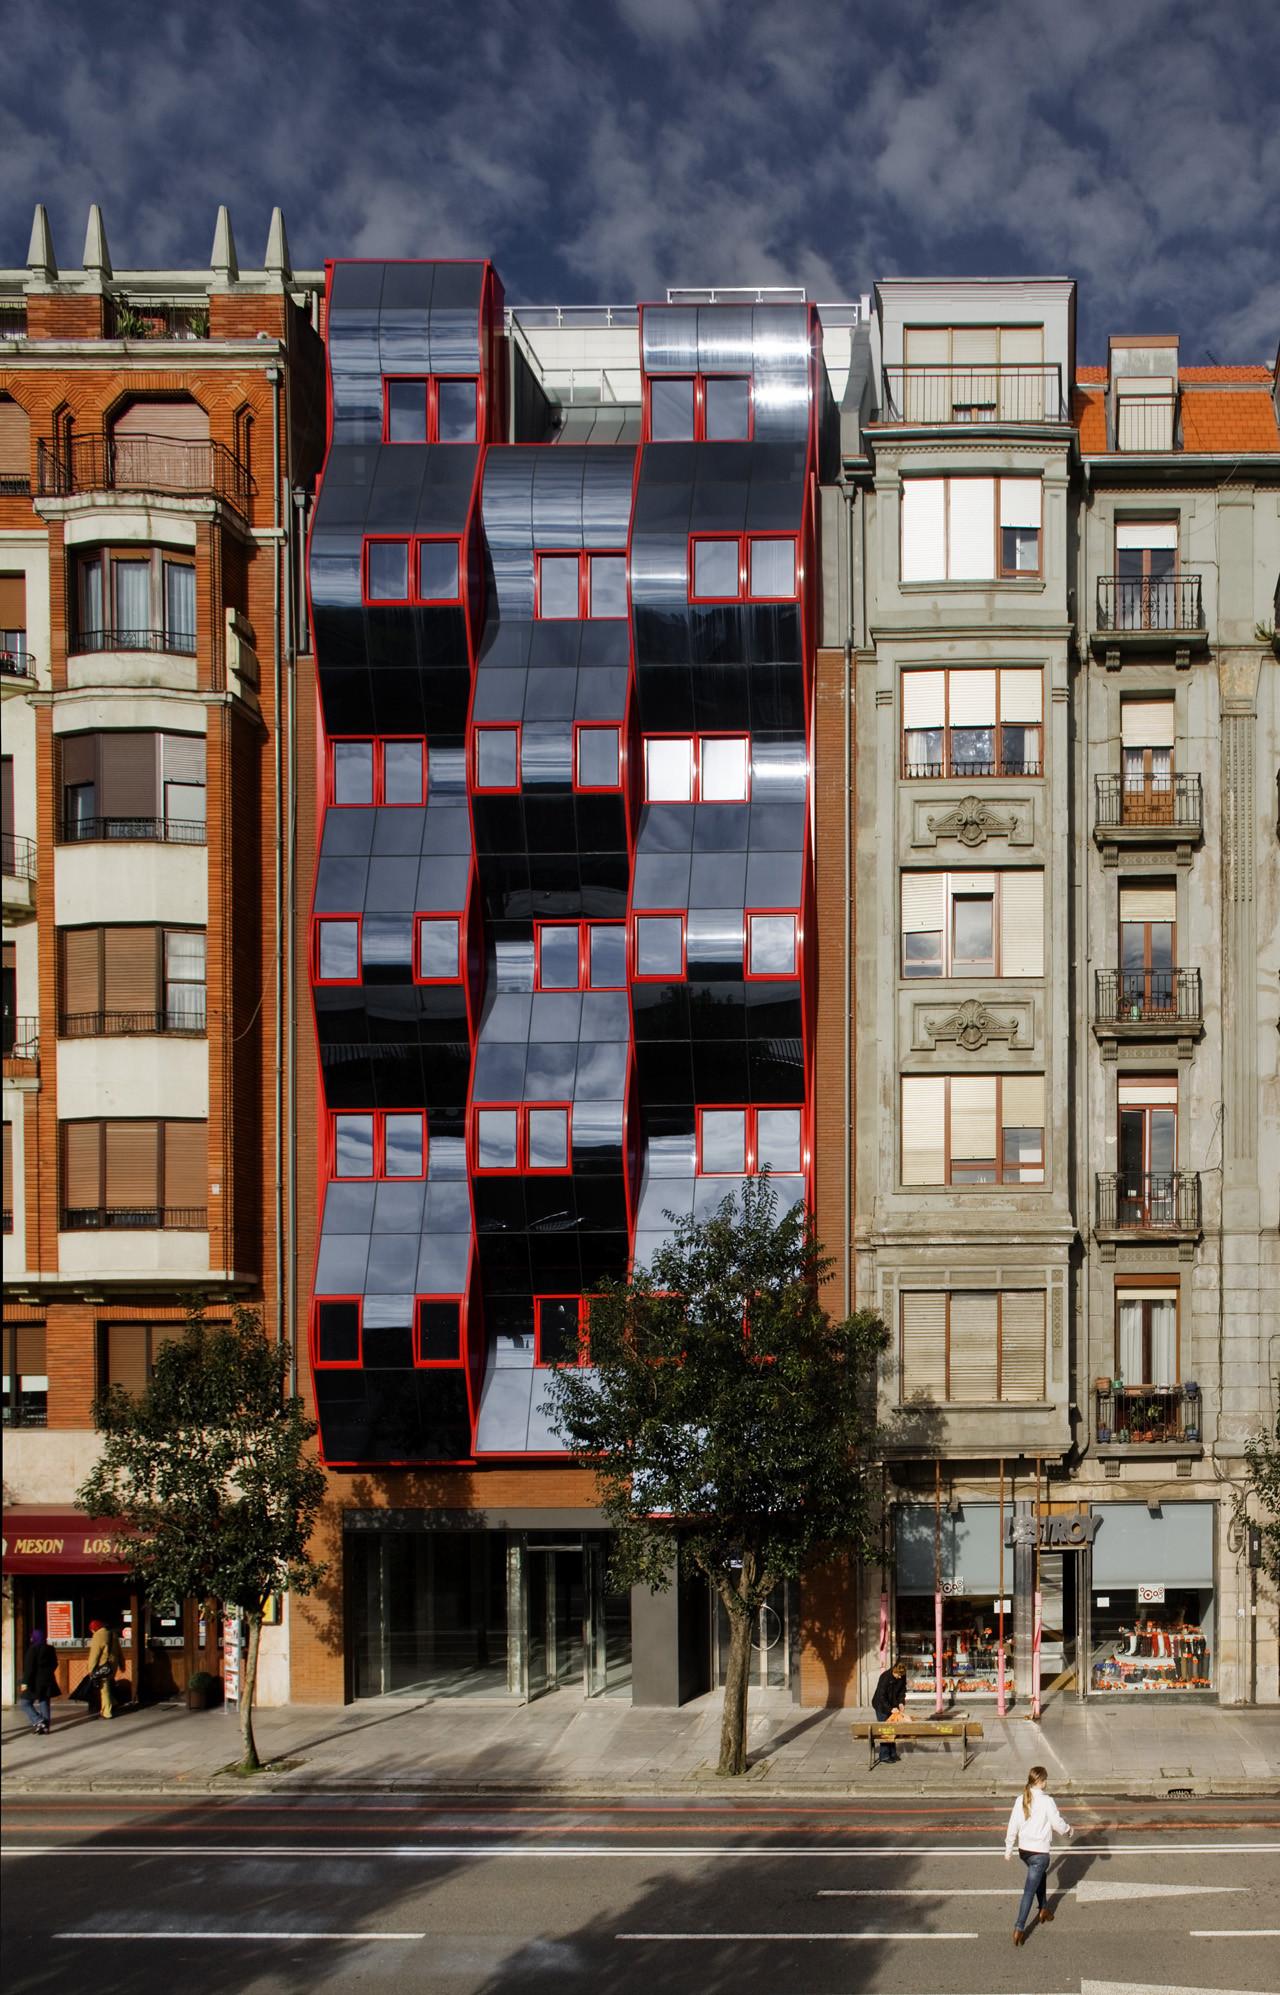 Bilbao Hurtado Amezaga Viviendas / IA+B, © Aitor Ortiz